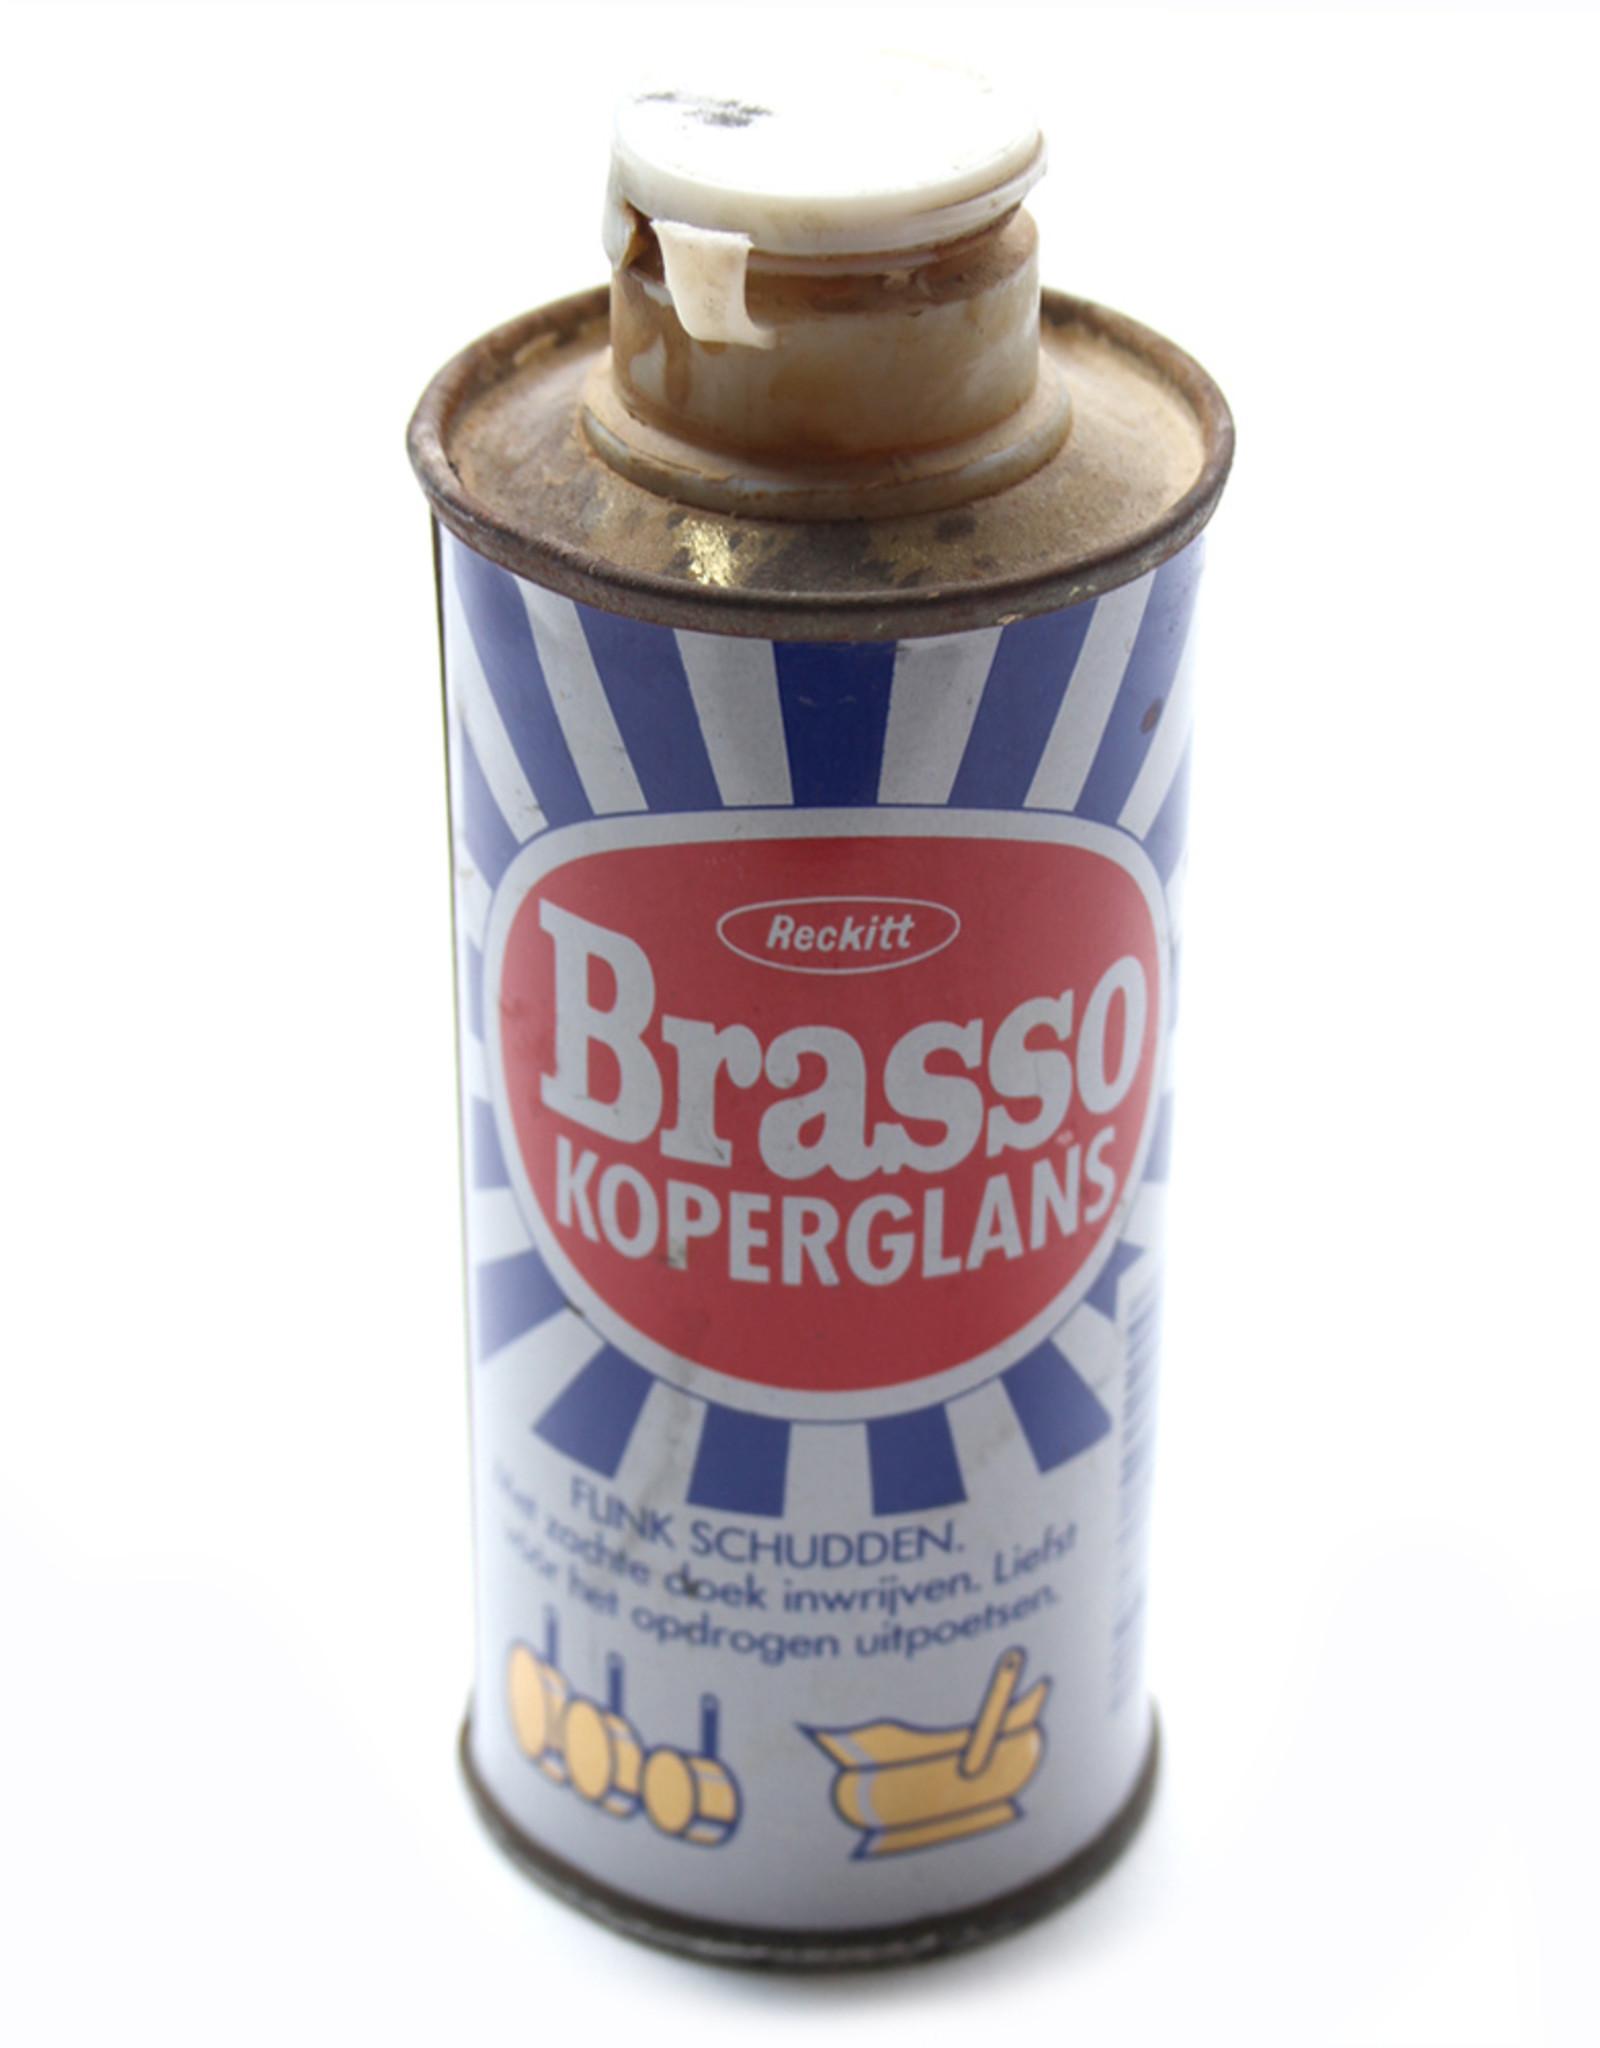 Brasso koperpoets Brasso 150 ml. Voor het polijsten van Zink of Koperplaten. Daarna nog ontvetten met krijtpoeder en spiritus.